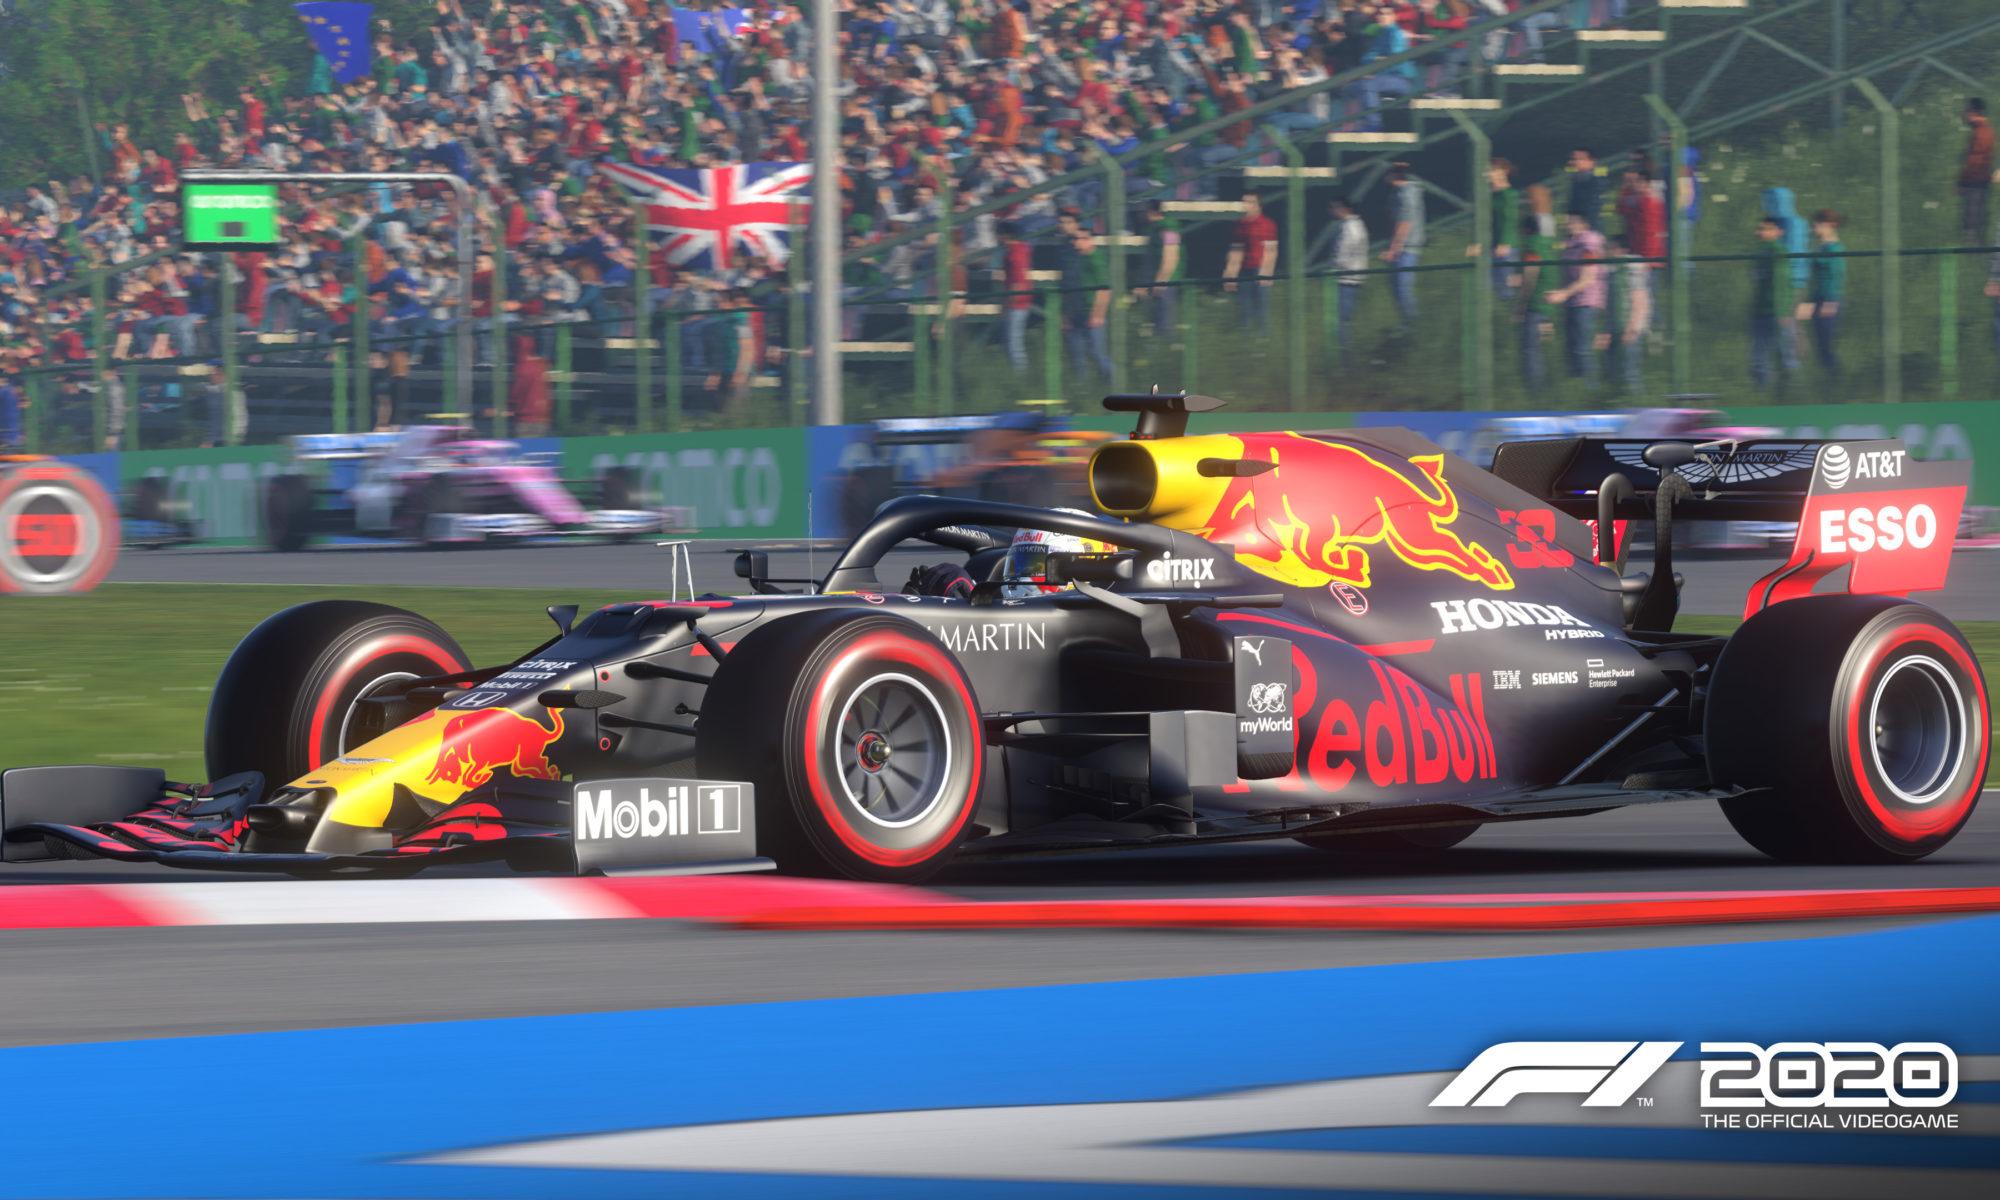 Neues Hot Lap Video zu F1 2020